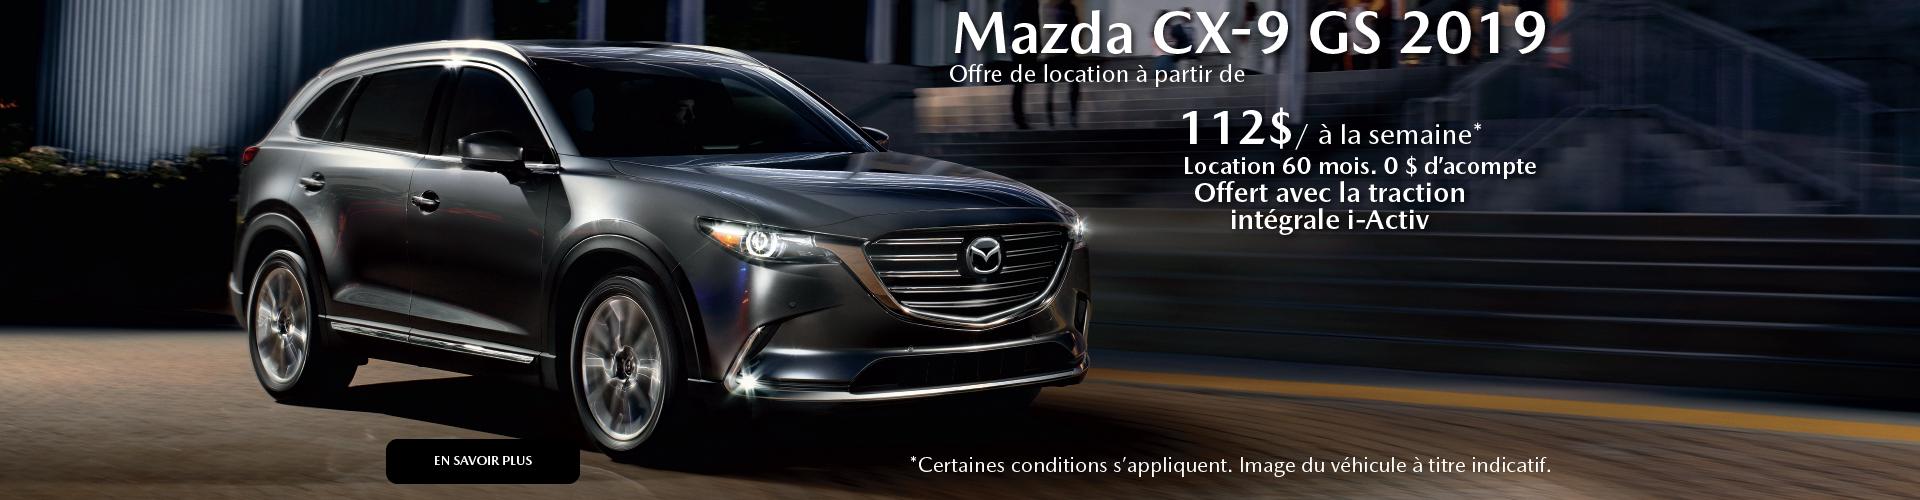 2019 Mazda CX-9_FR